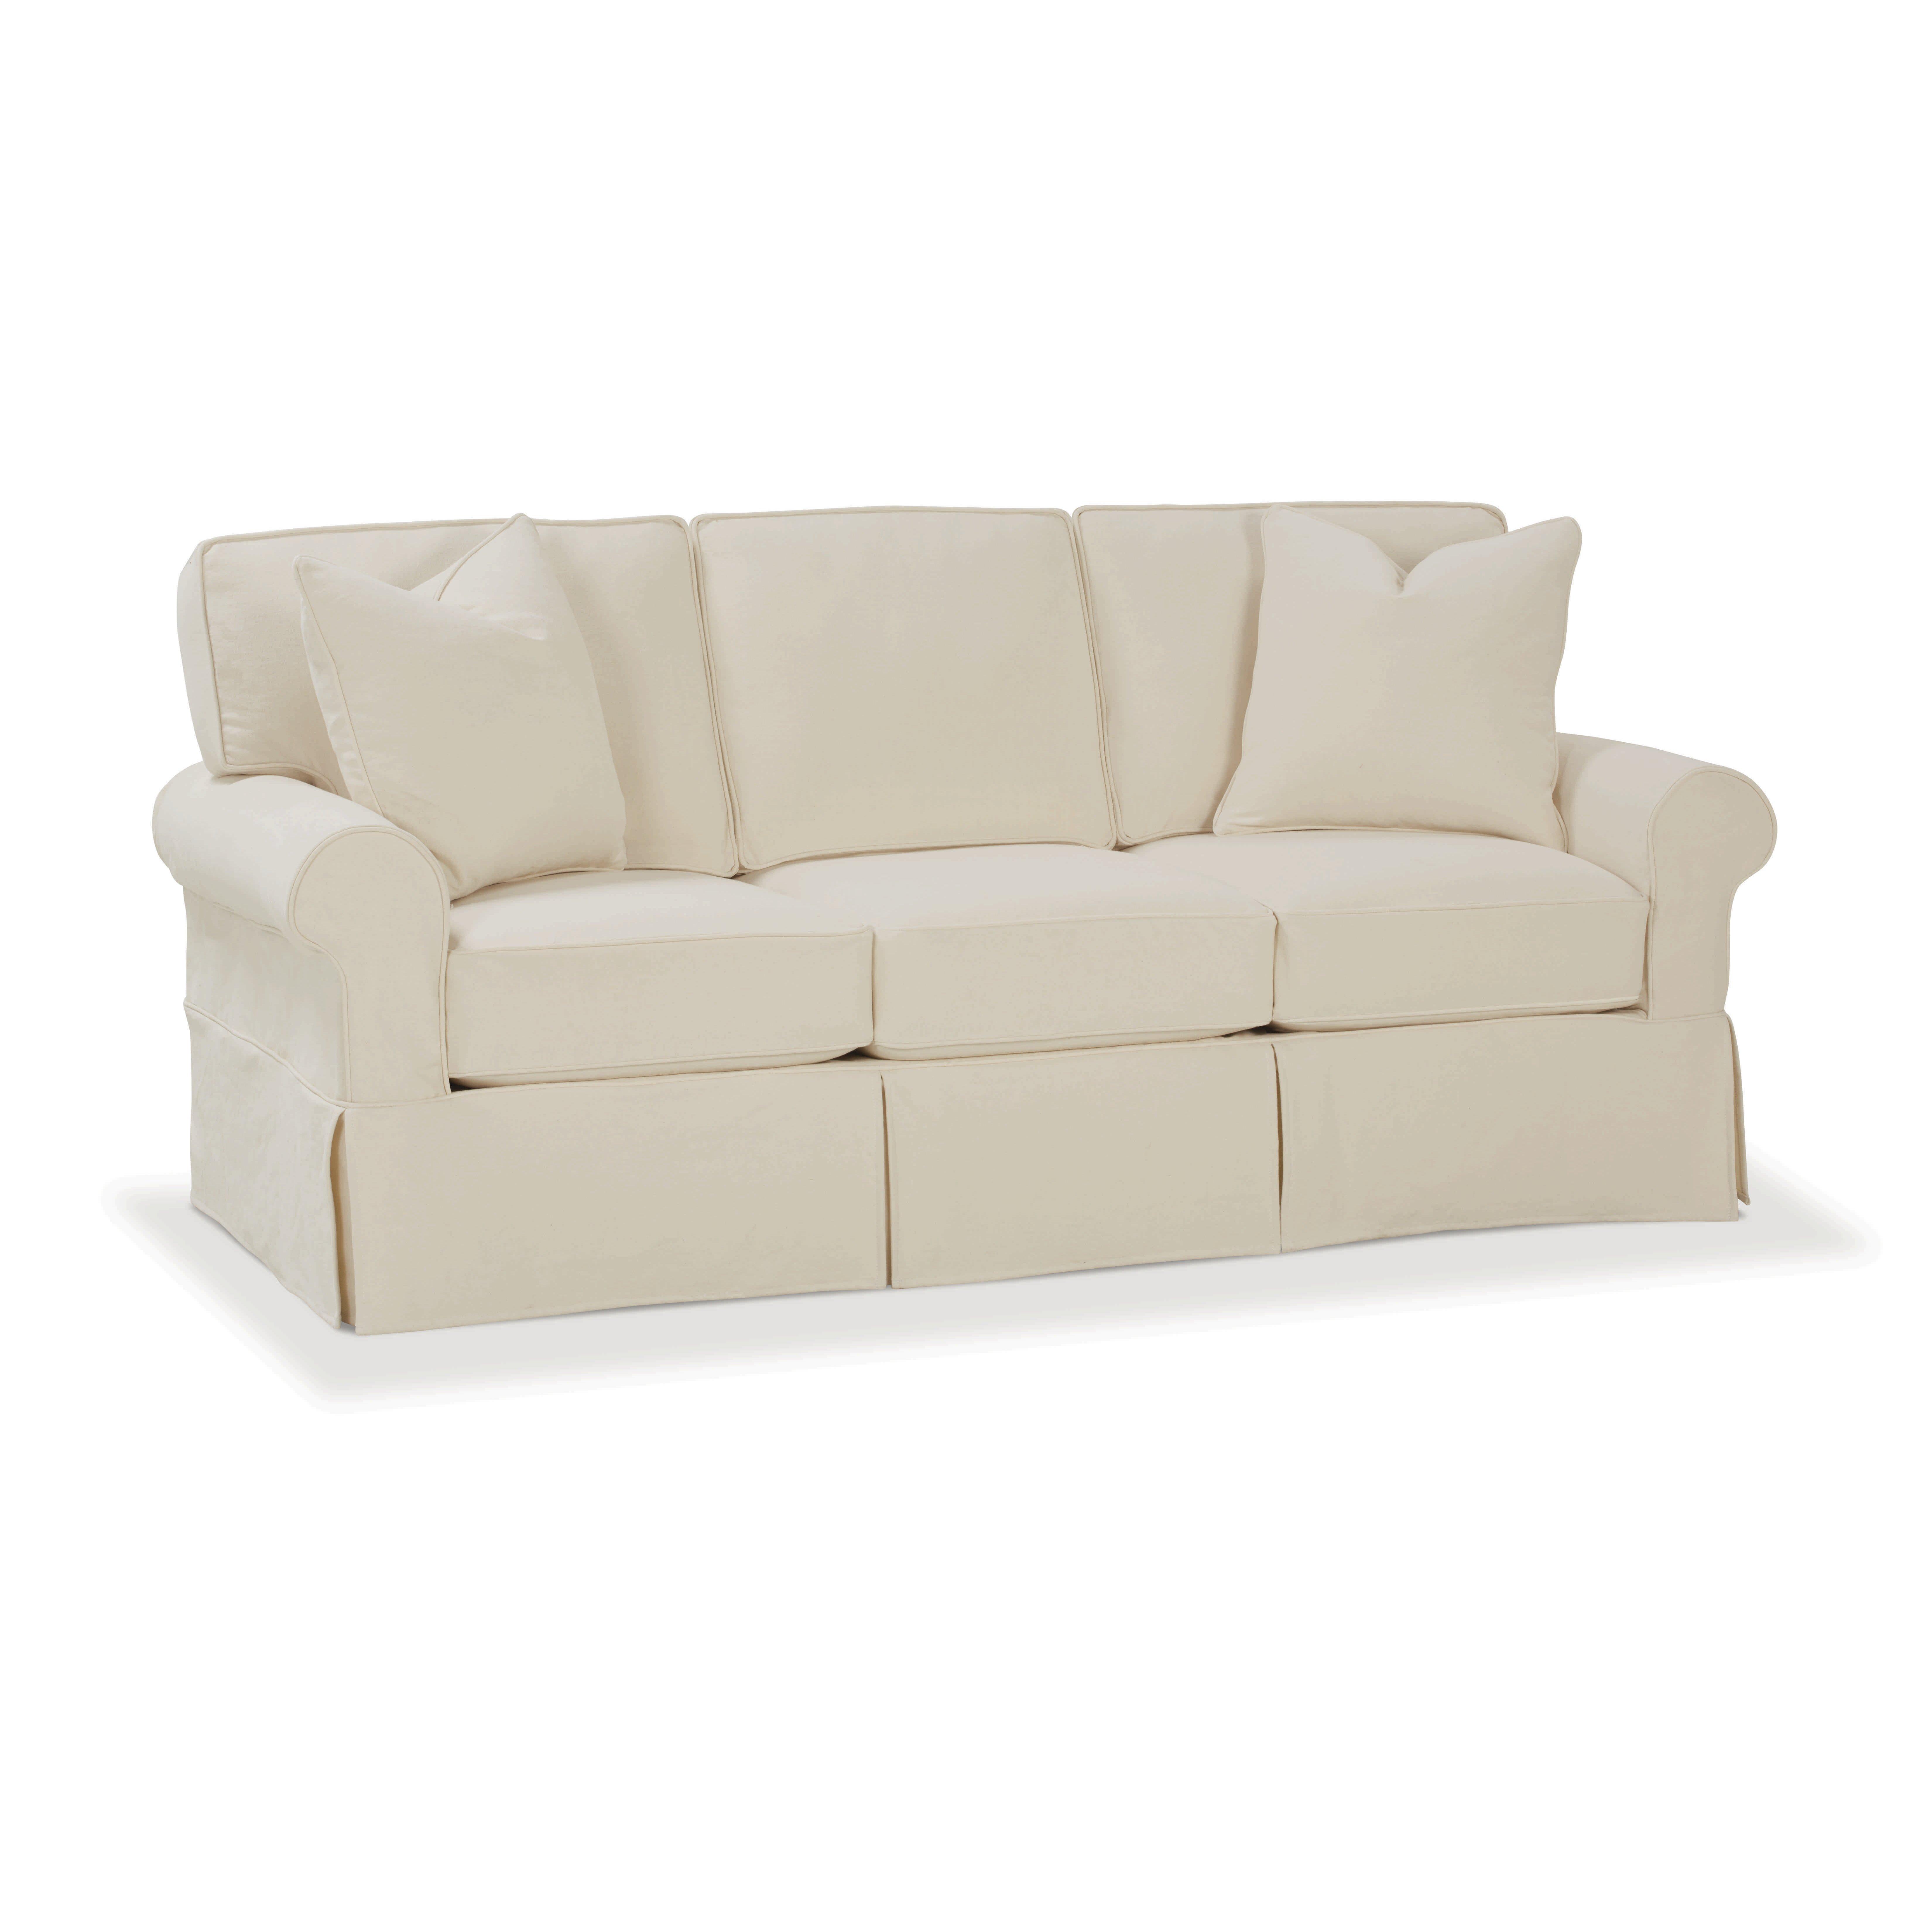 Rowe Furniture Nantucket Slipcovered Sleeper Sofa ...